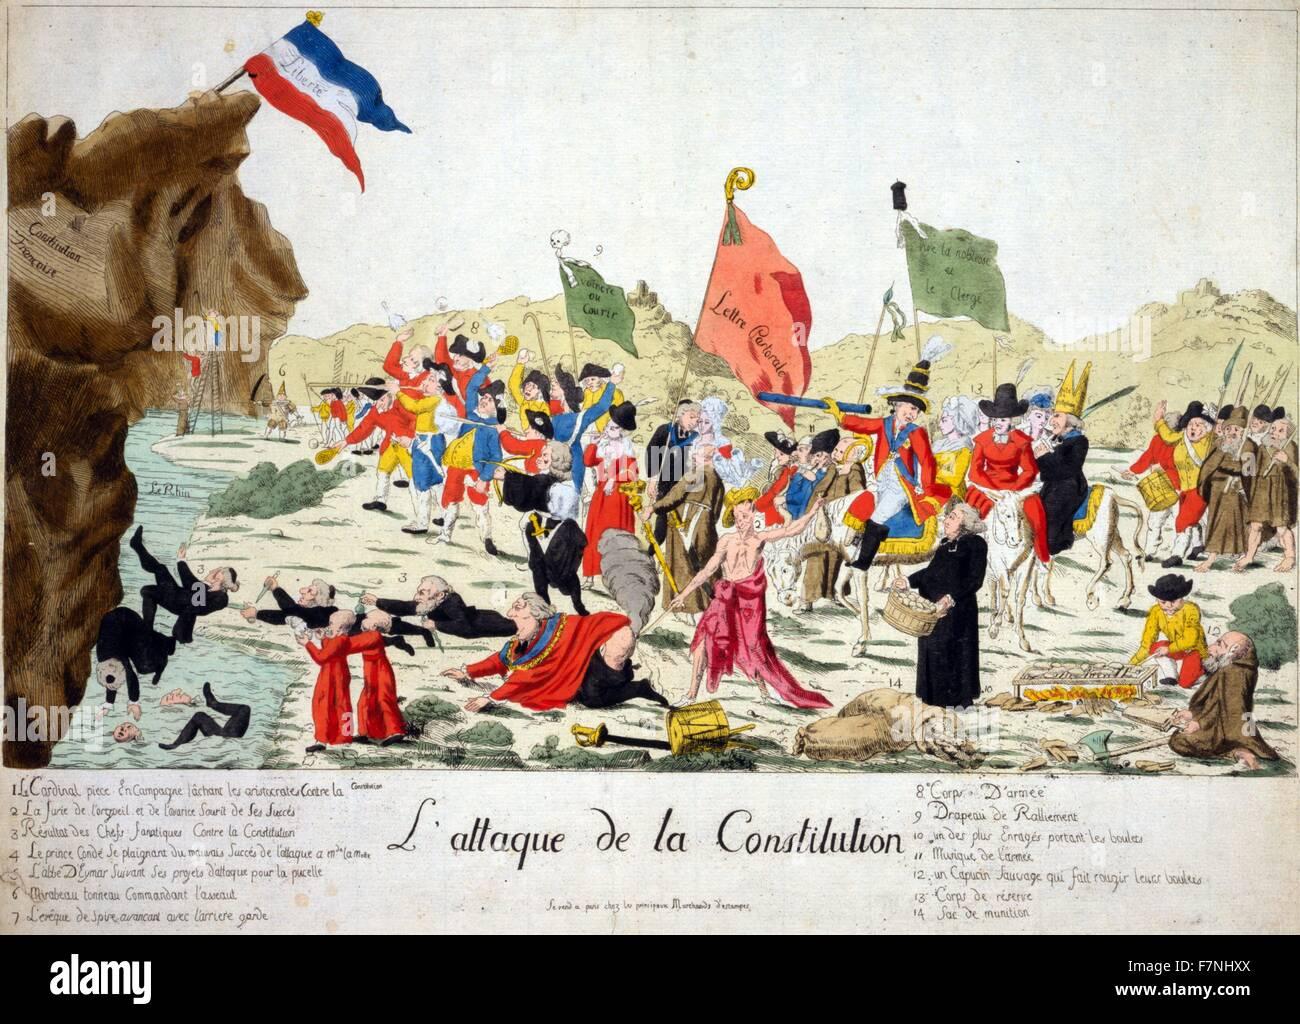 1792. Cartone animato che mostra il clero, nobiltà, e fuggitivo controrivoluzionari, Immagini Stock